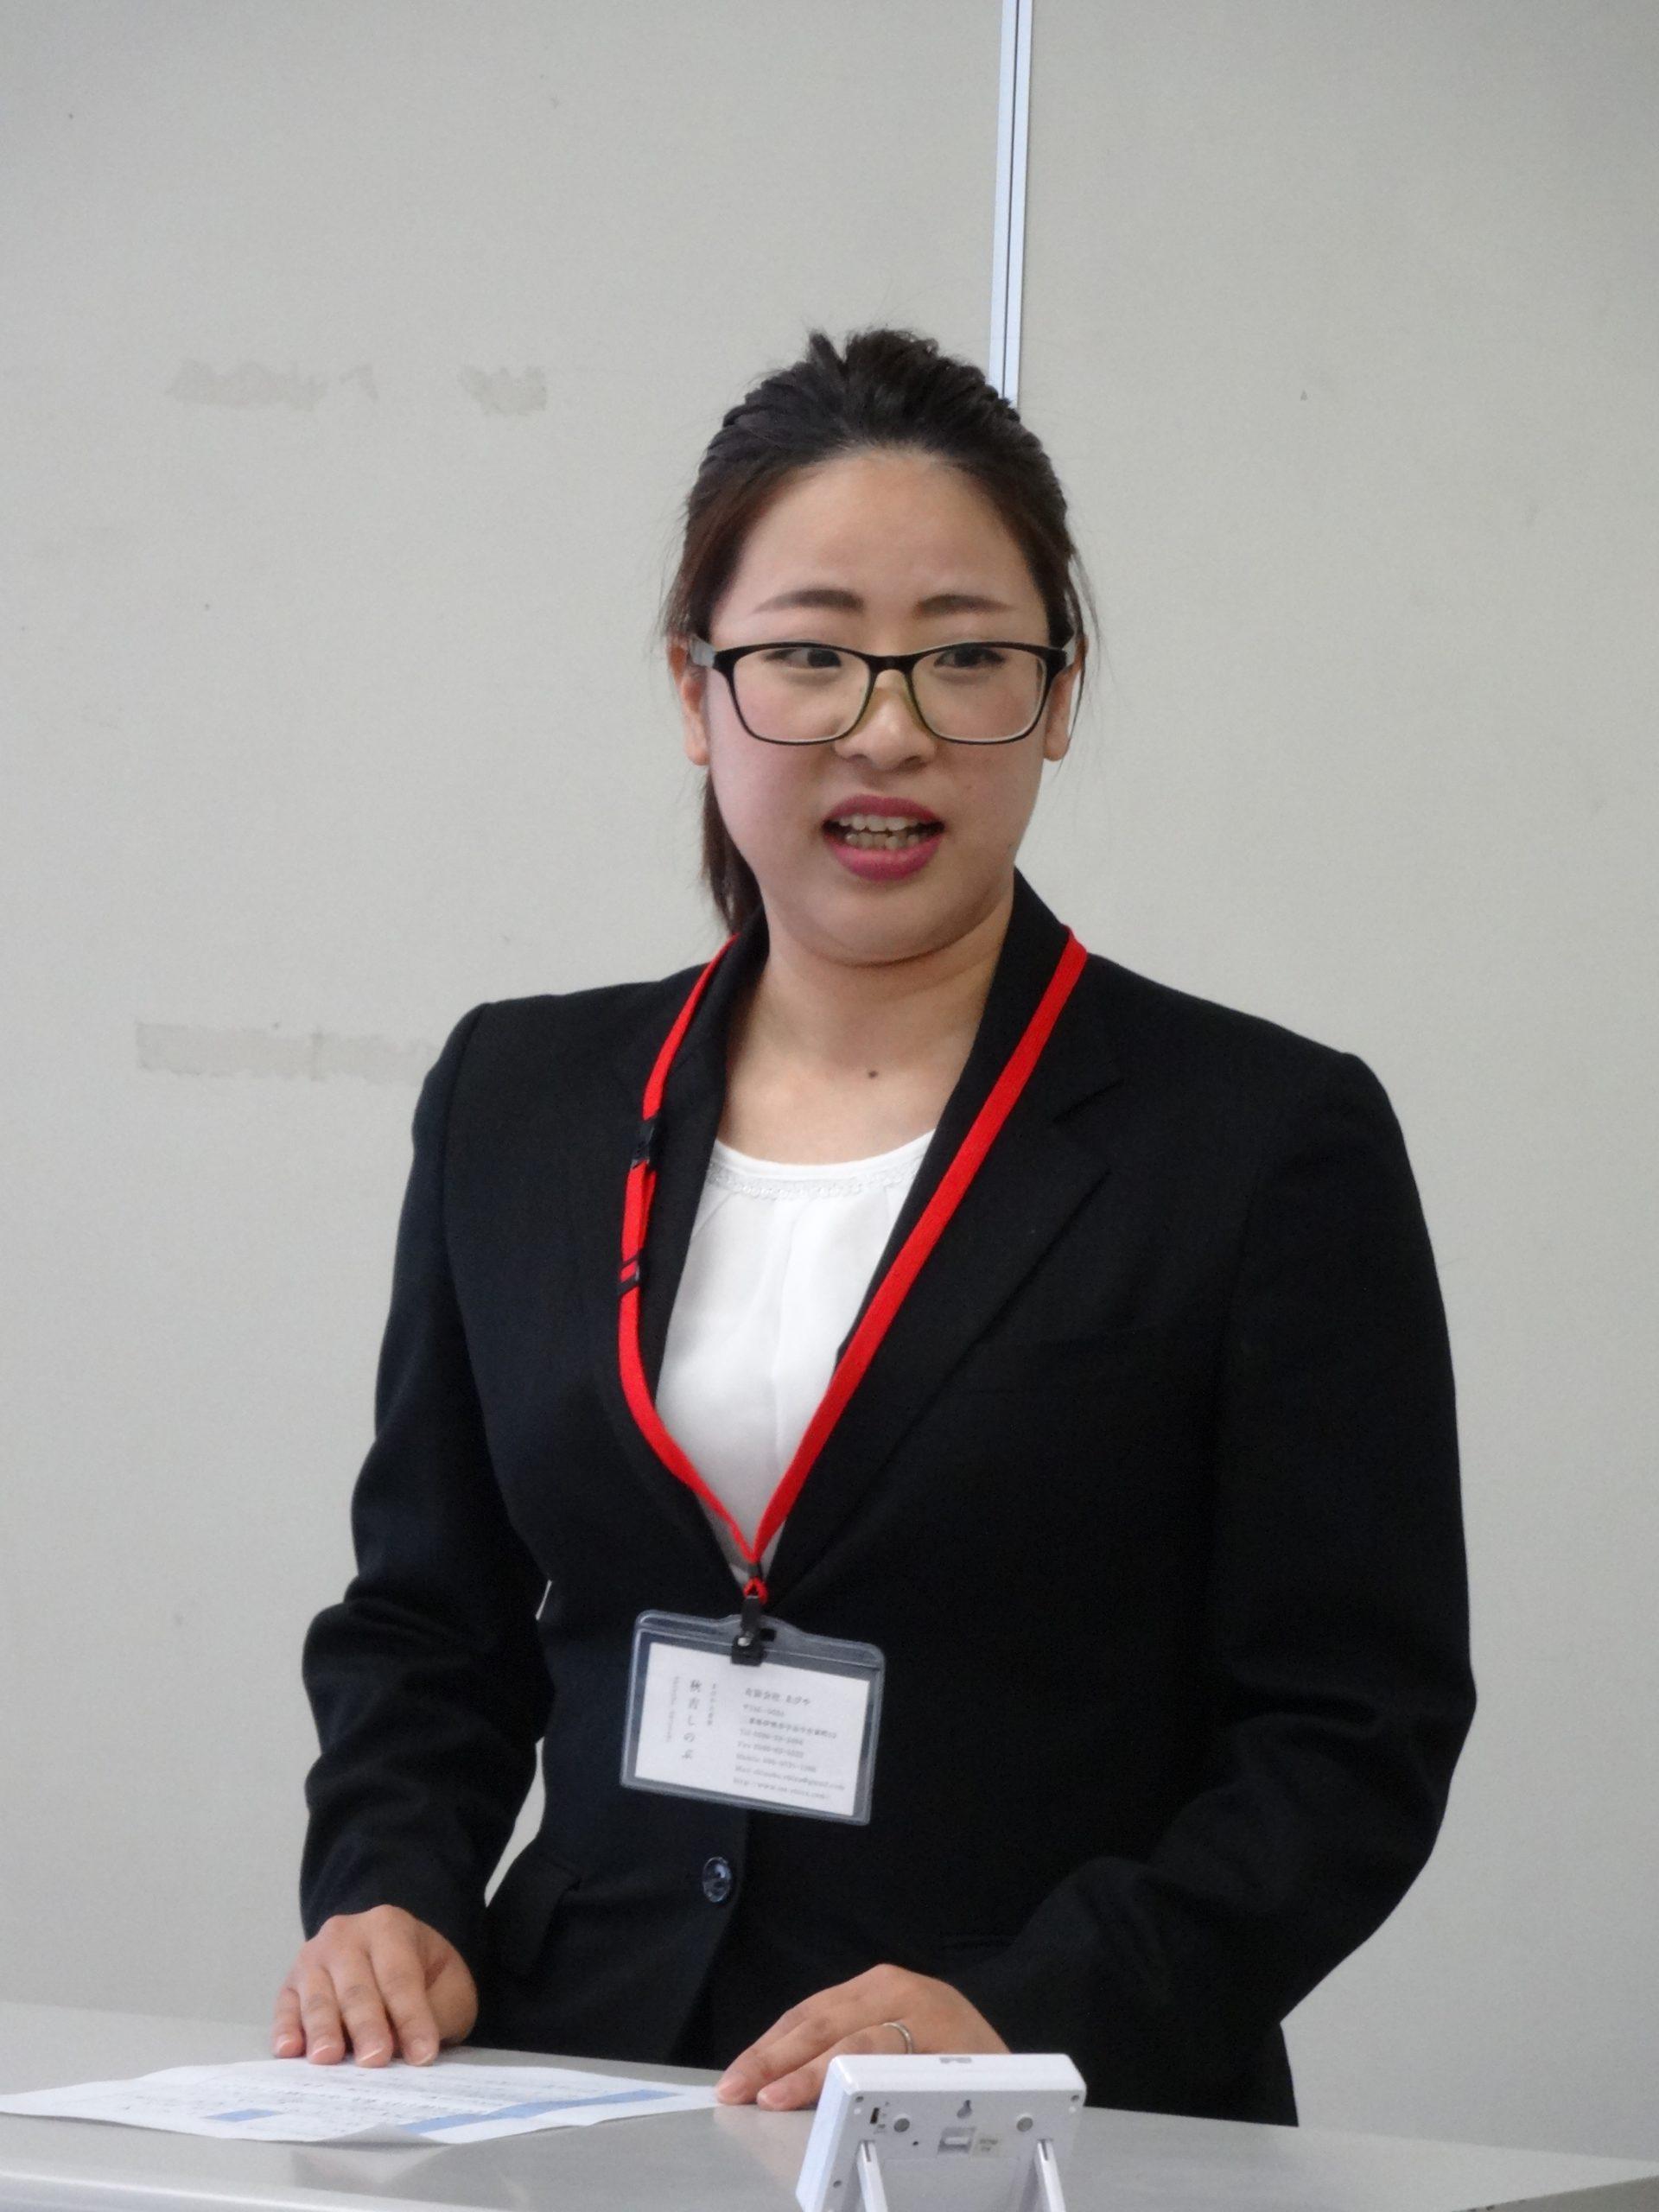 教壇に立って発表をする秋吉しのぶさん。